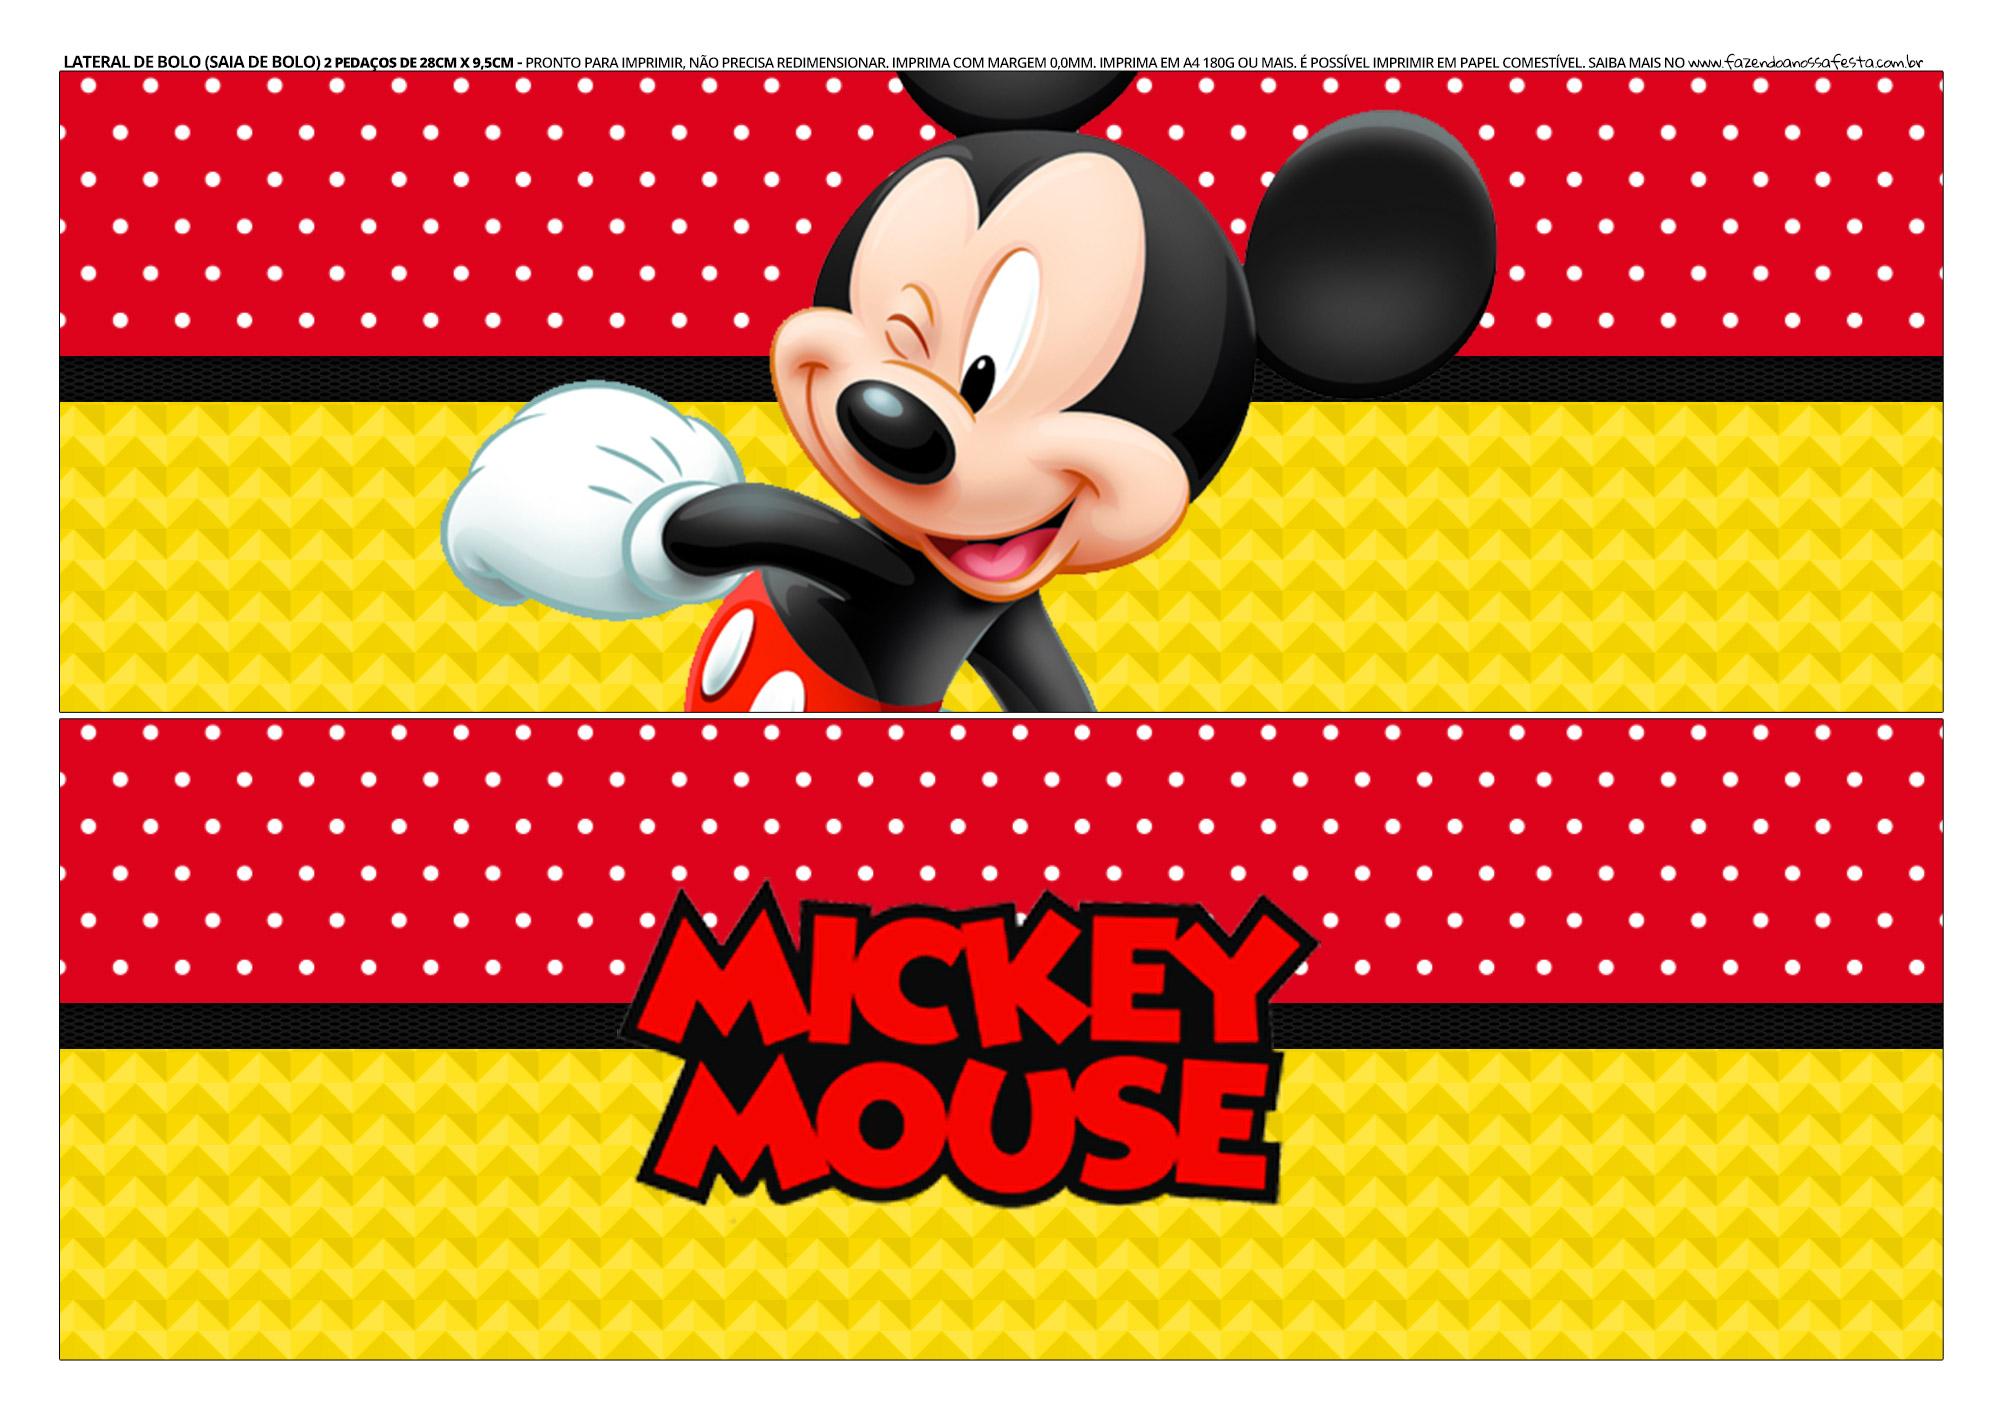 Faixa lateral de bolo Mickey Mouse